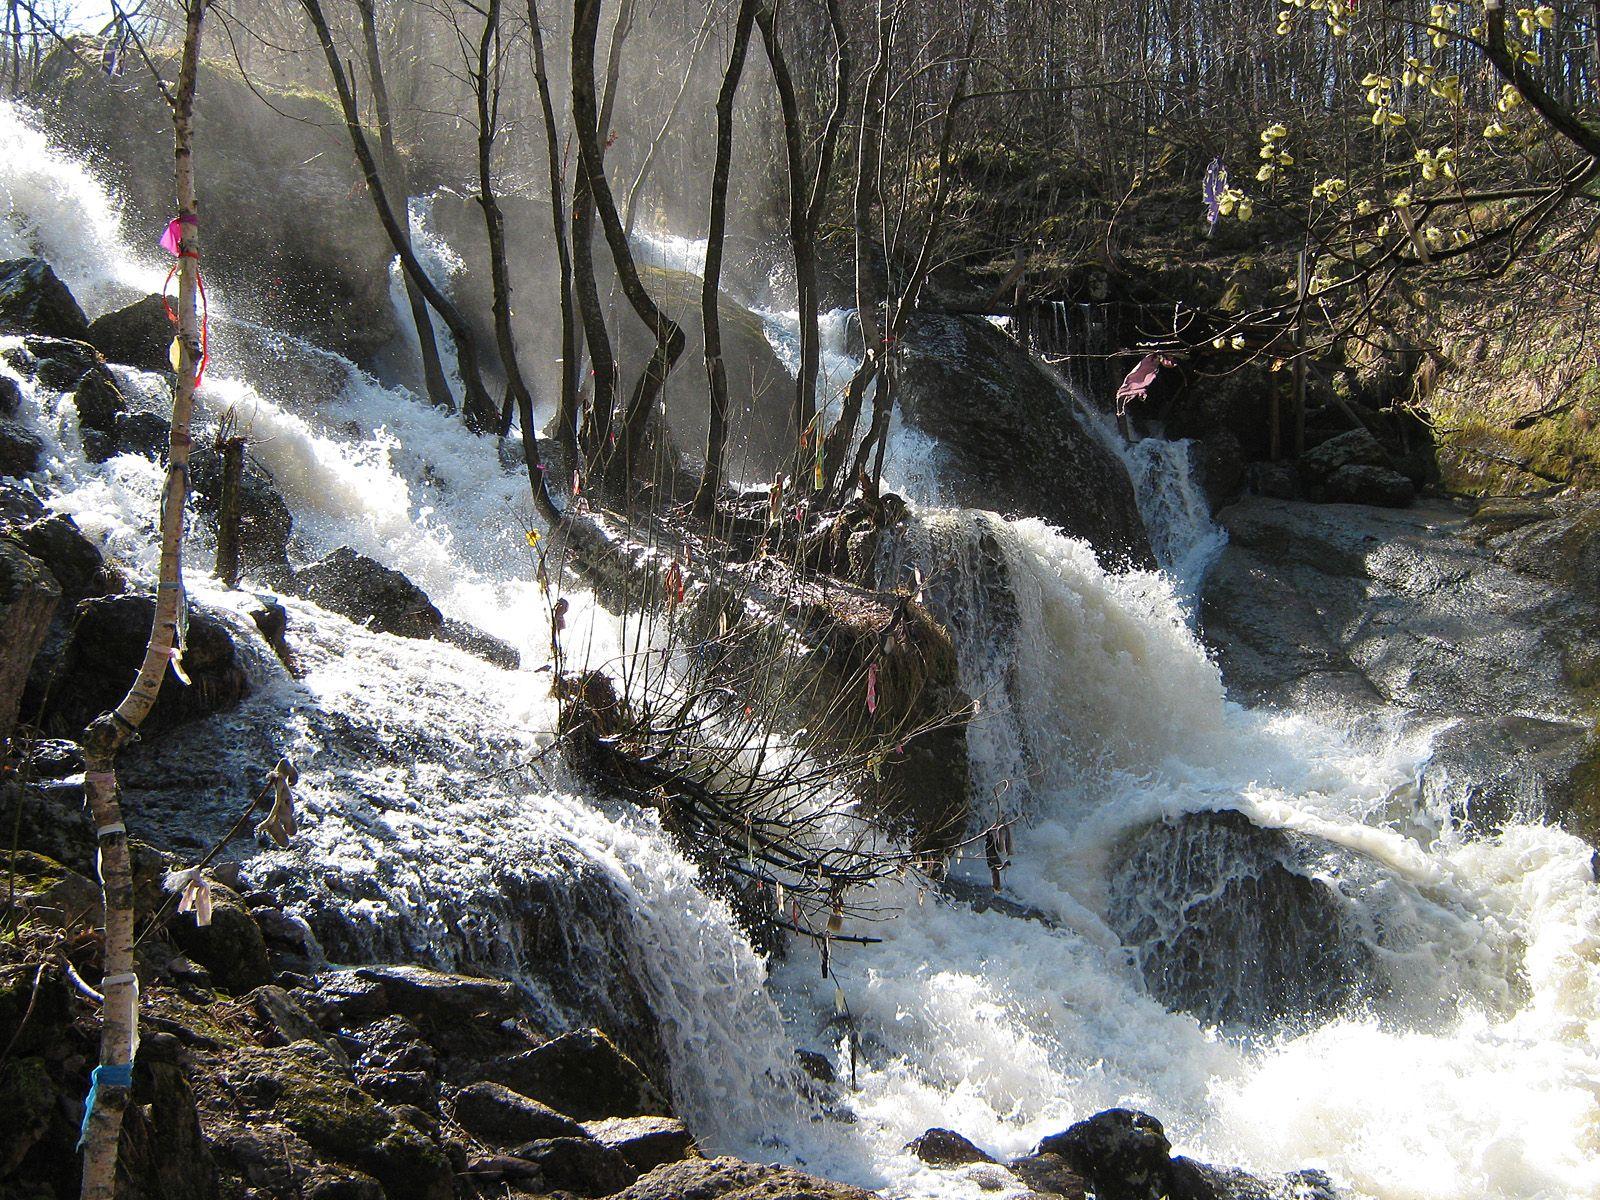 Каскады водопада Кук-Караук